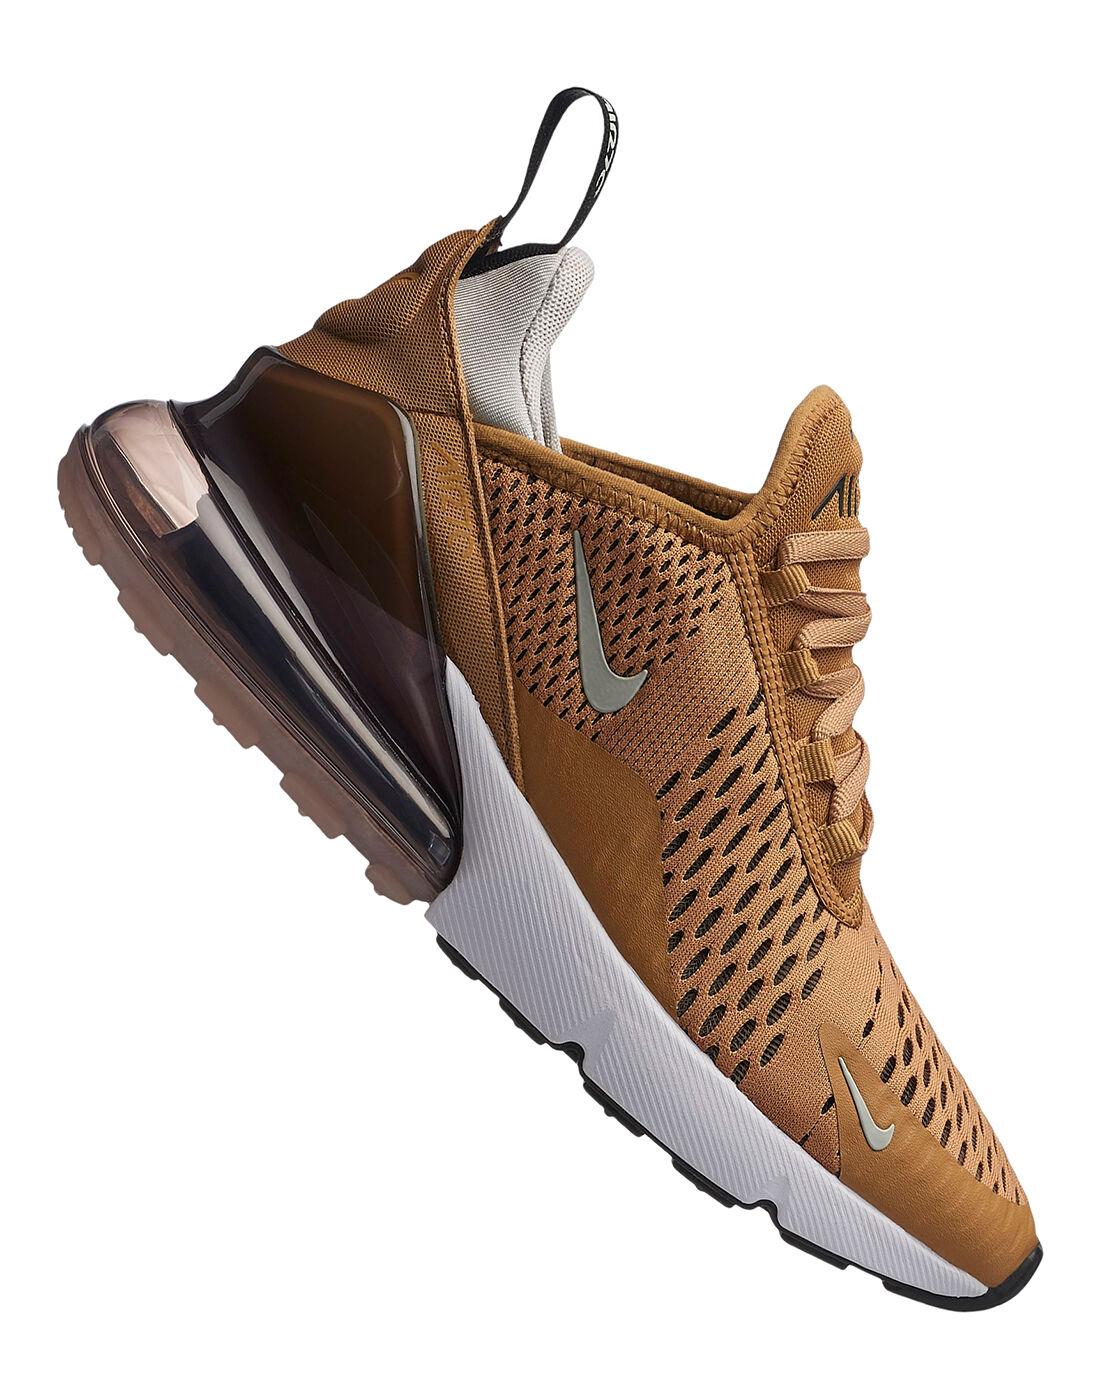 Kid's Nike Air Max 270 | Gold | Life